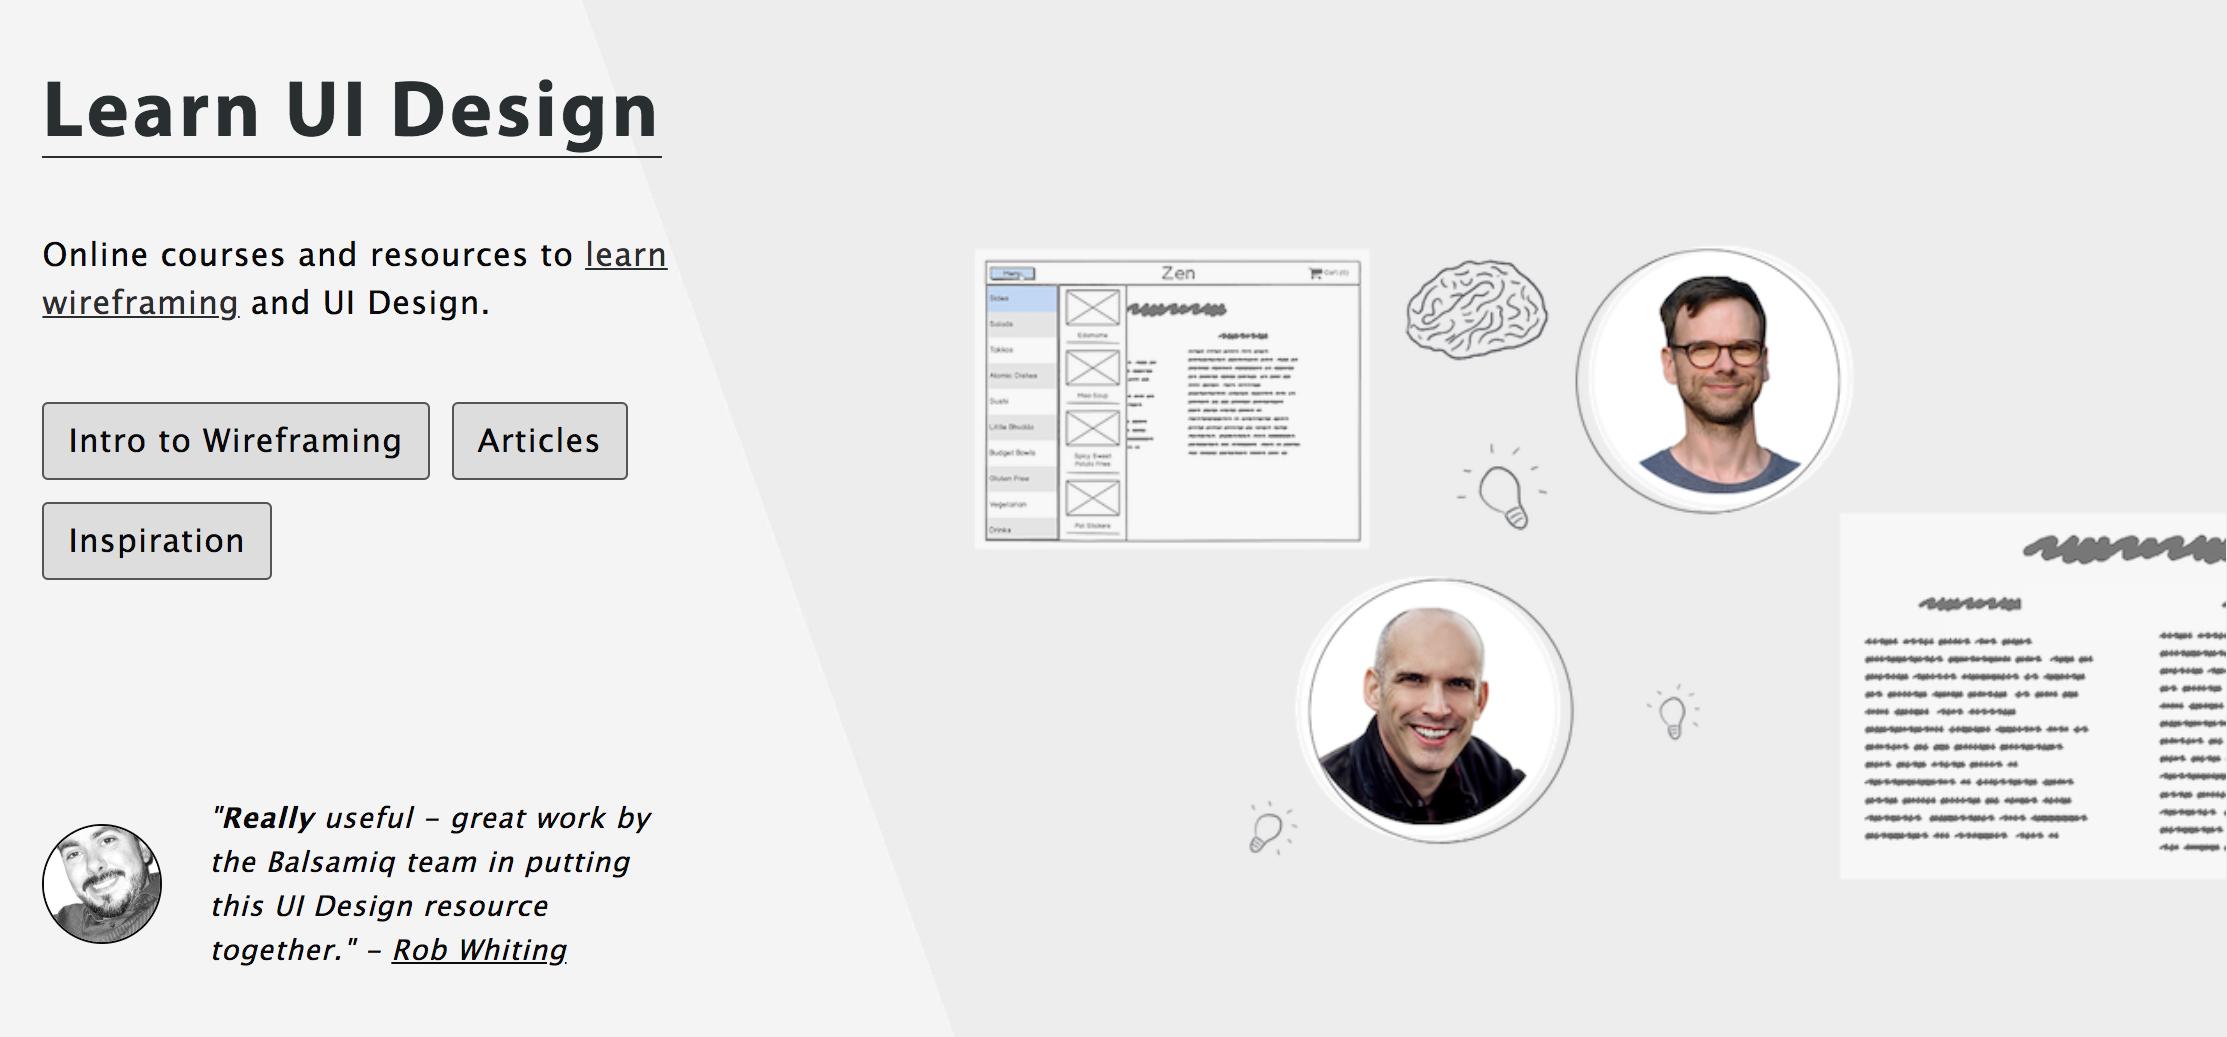 learnuidesign